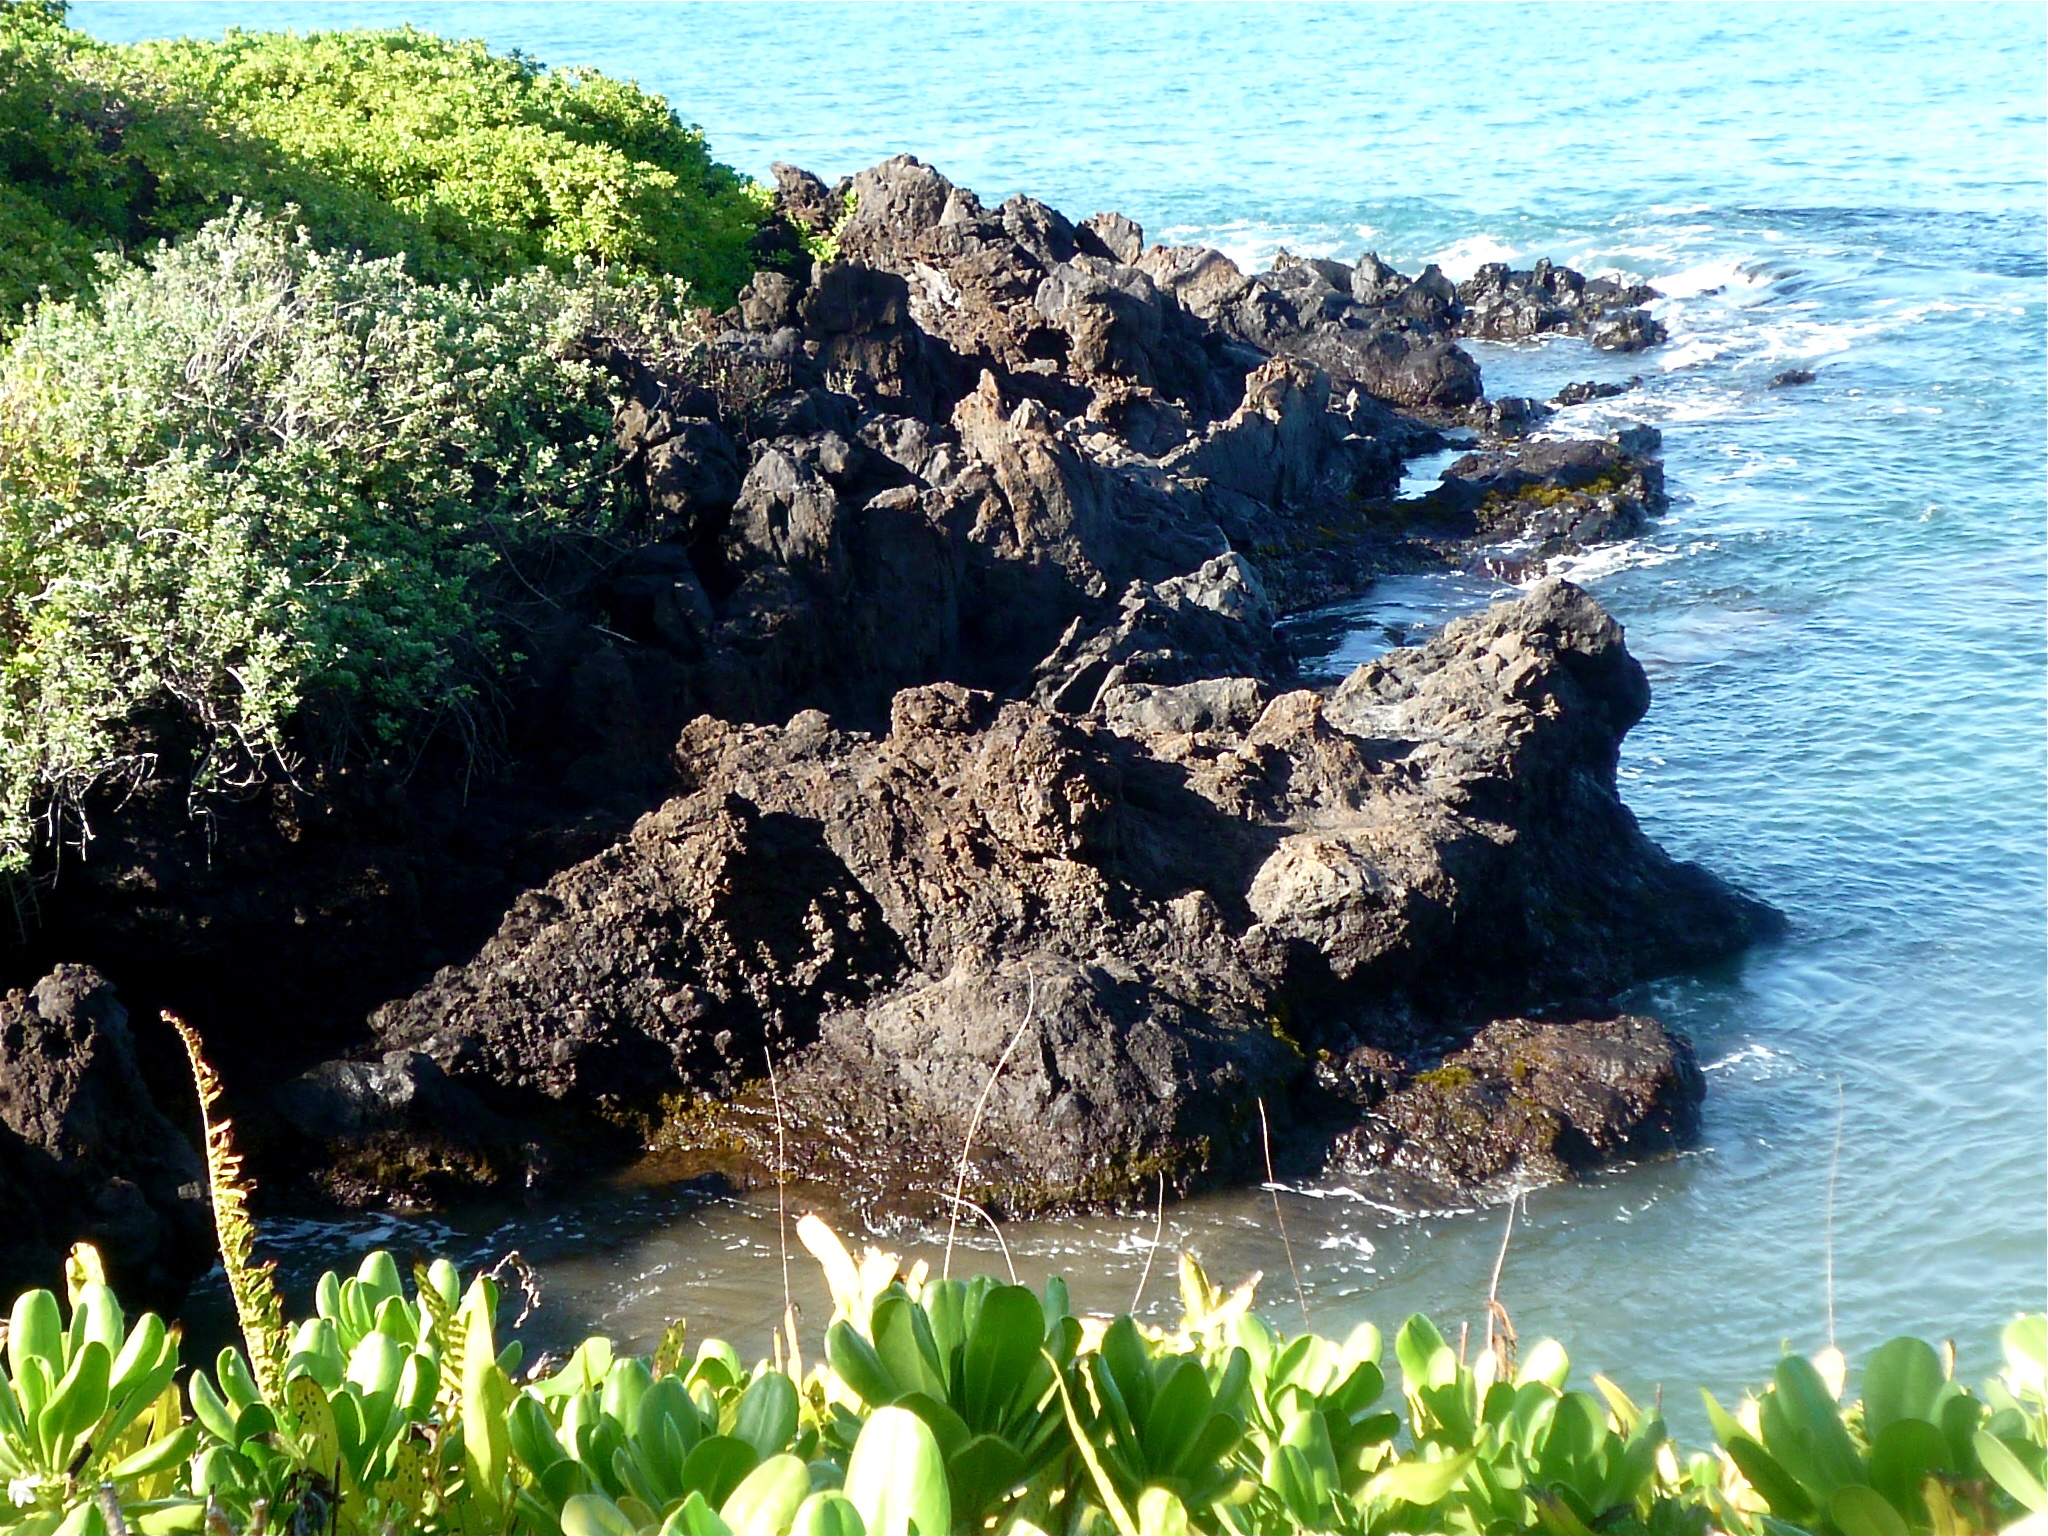 Near Wailea Beach, Maui, Hawaii